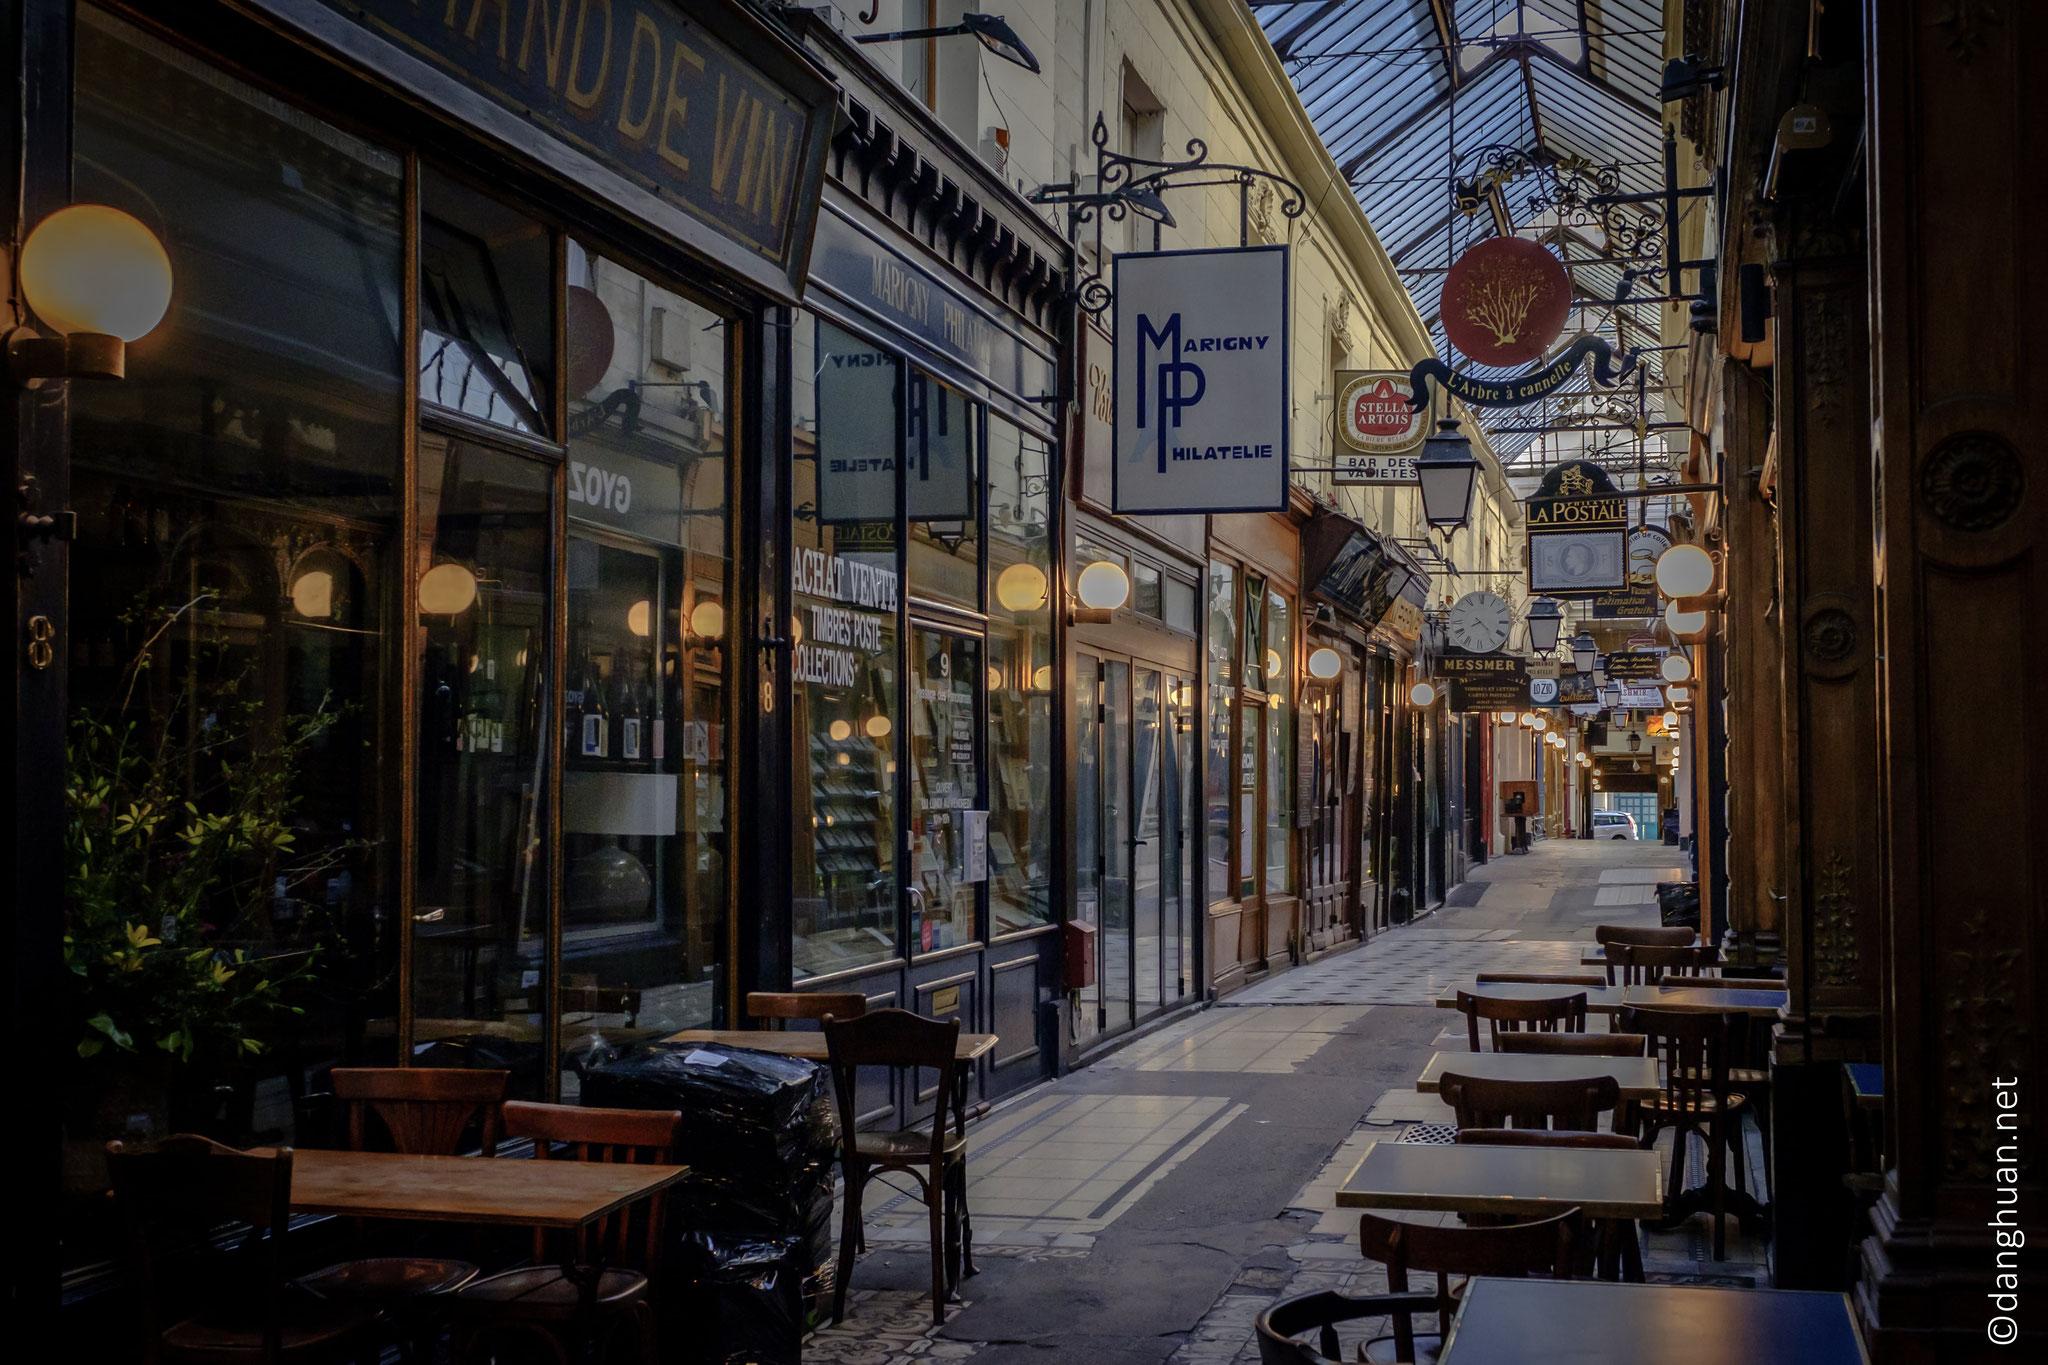 l'artère marchande abrite de nombreux restaurants ...